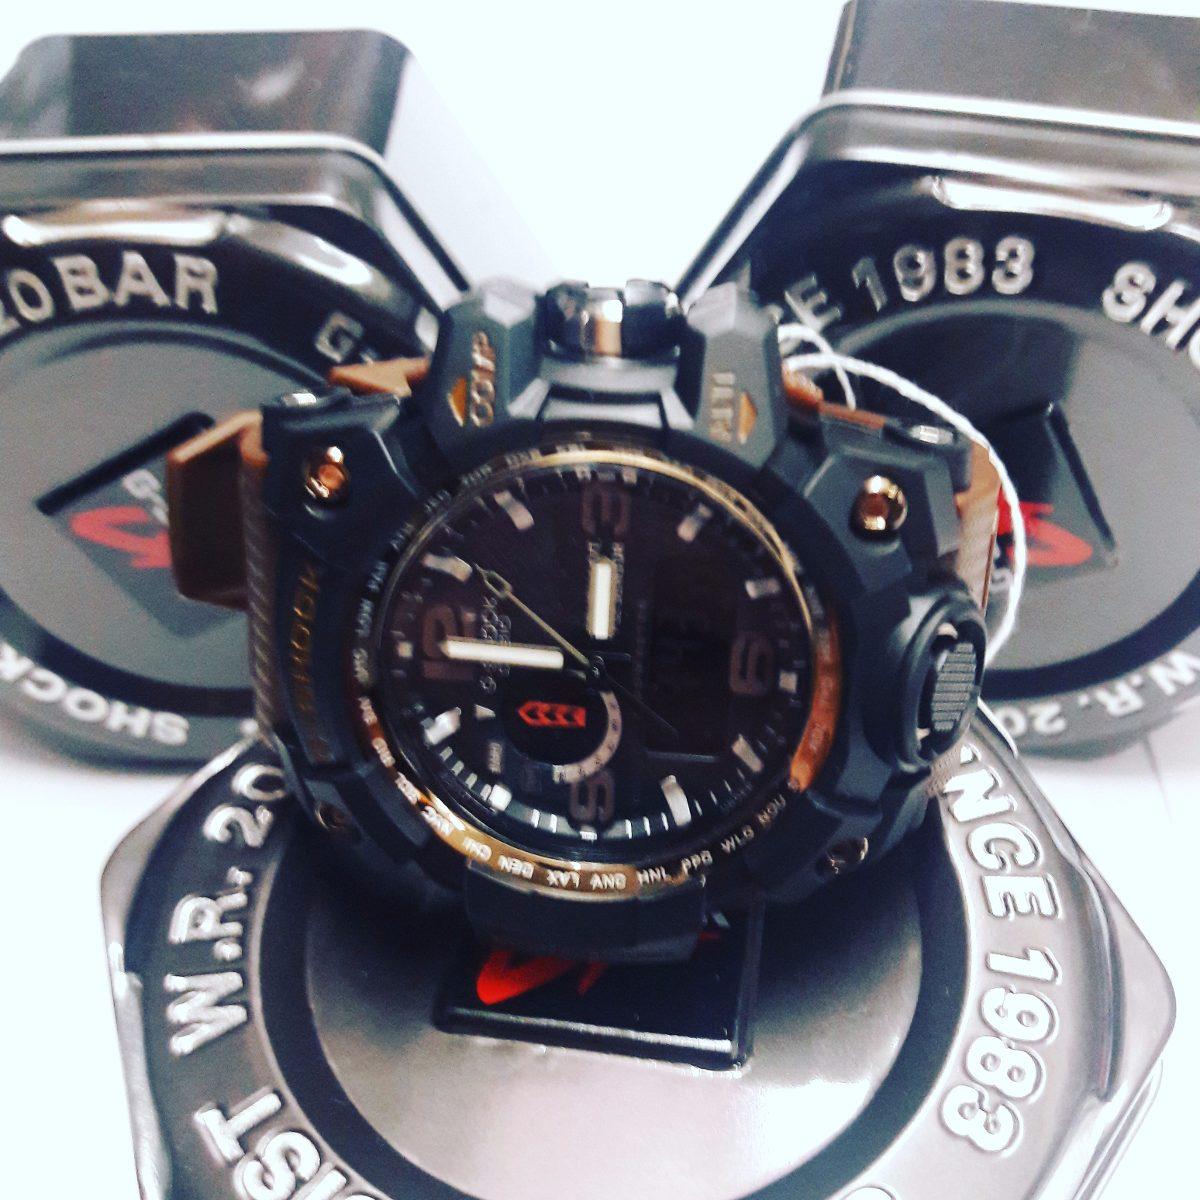 0d9e29709f1 relógio casio gshock mundmaster promoção dias dos pais. Carregando zoom.